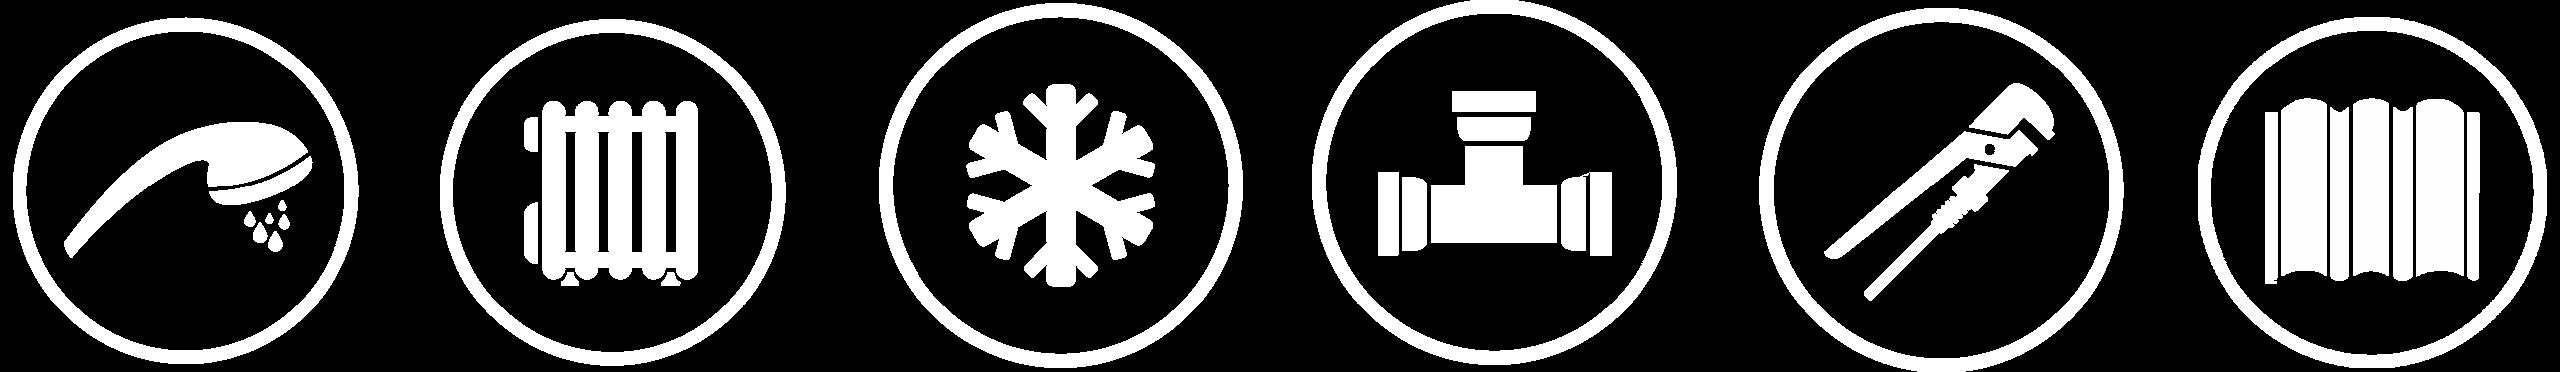 Sanitär Heizung Klima Blech